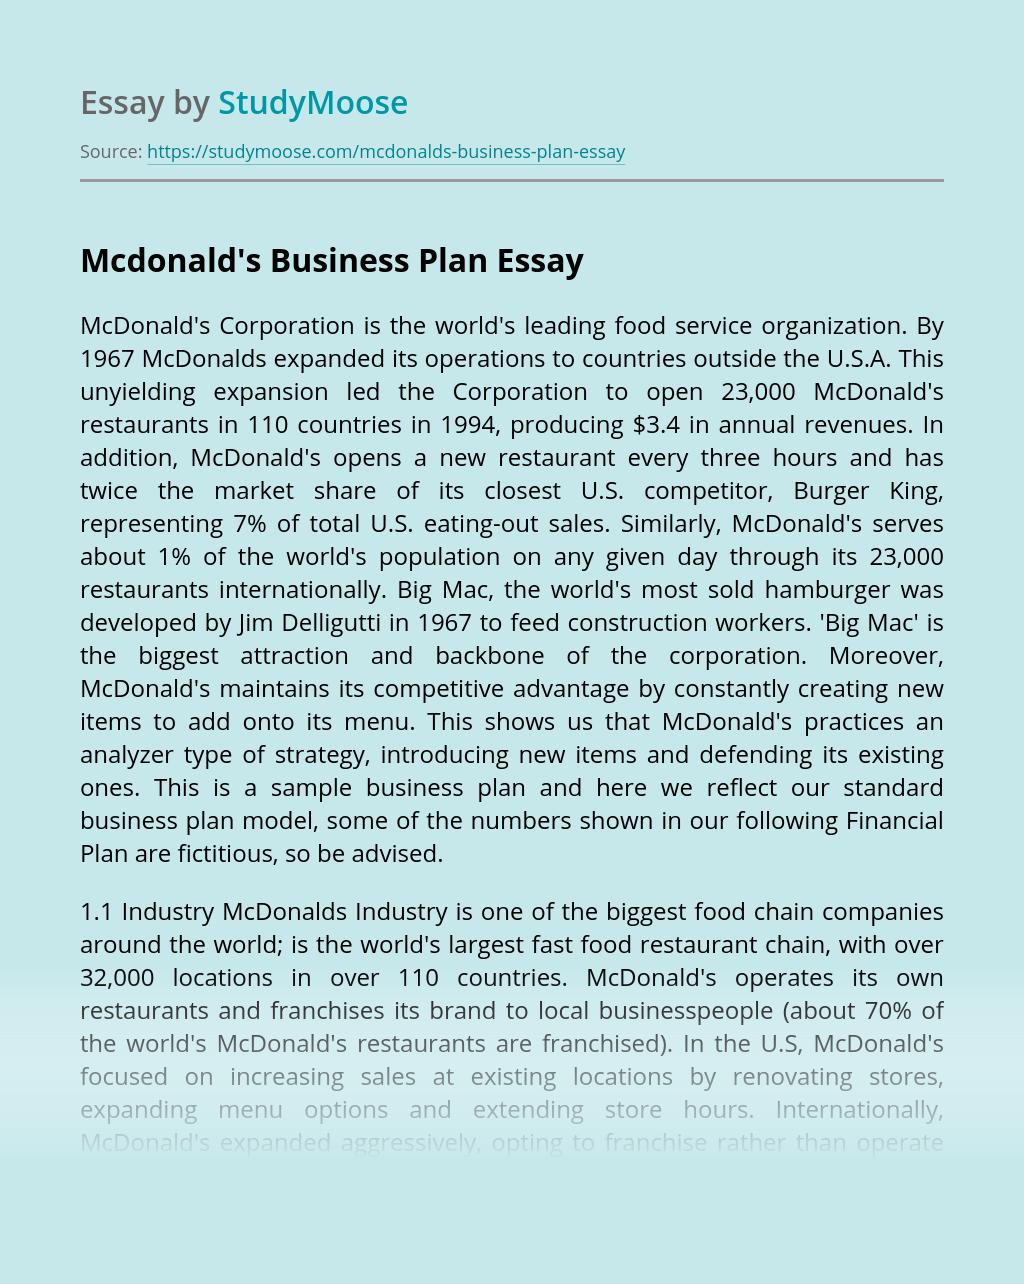 Mcdonald's Business Plan